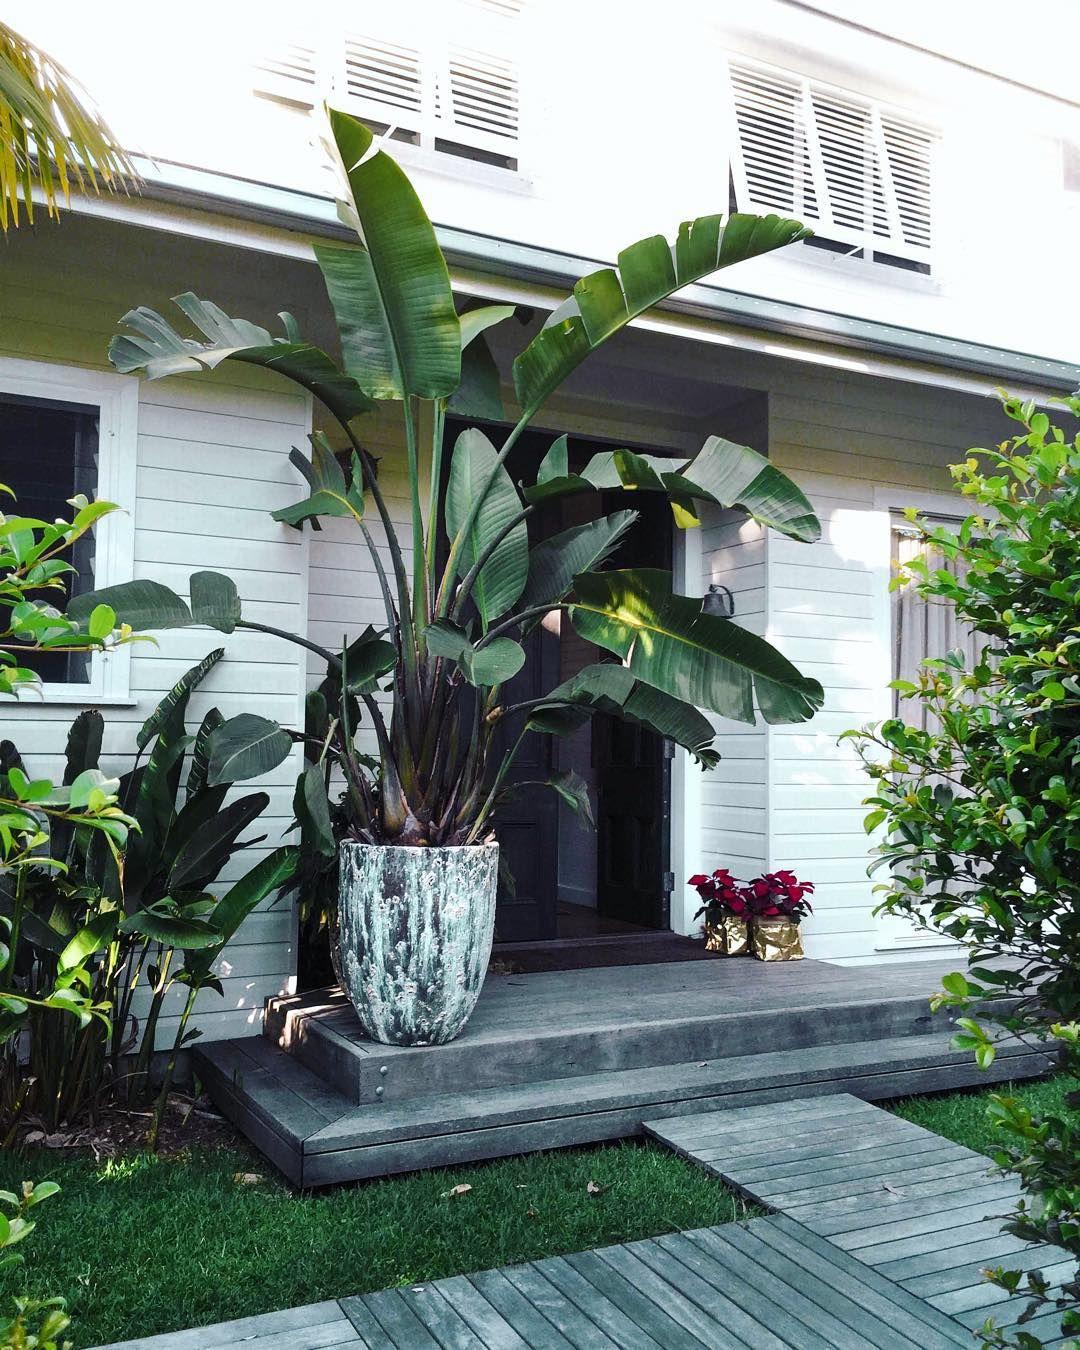 die besten 25 banana palm ideen auf pinterest bananenstauden gr ne bl tter und palmbl tter. Black Bedroom Furniture Sets. Home Design Ideas